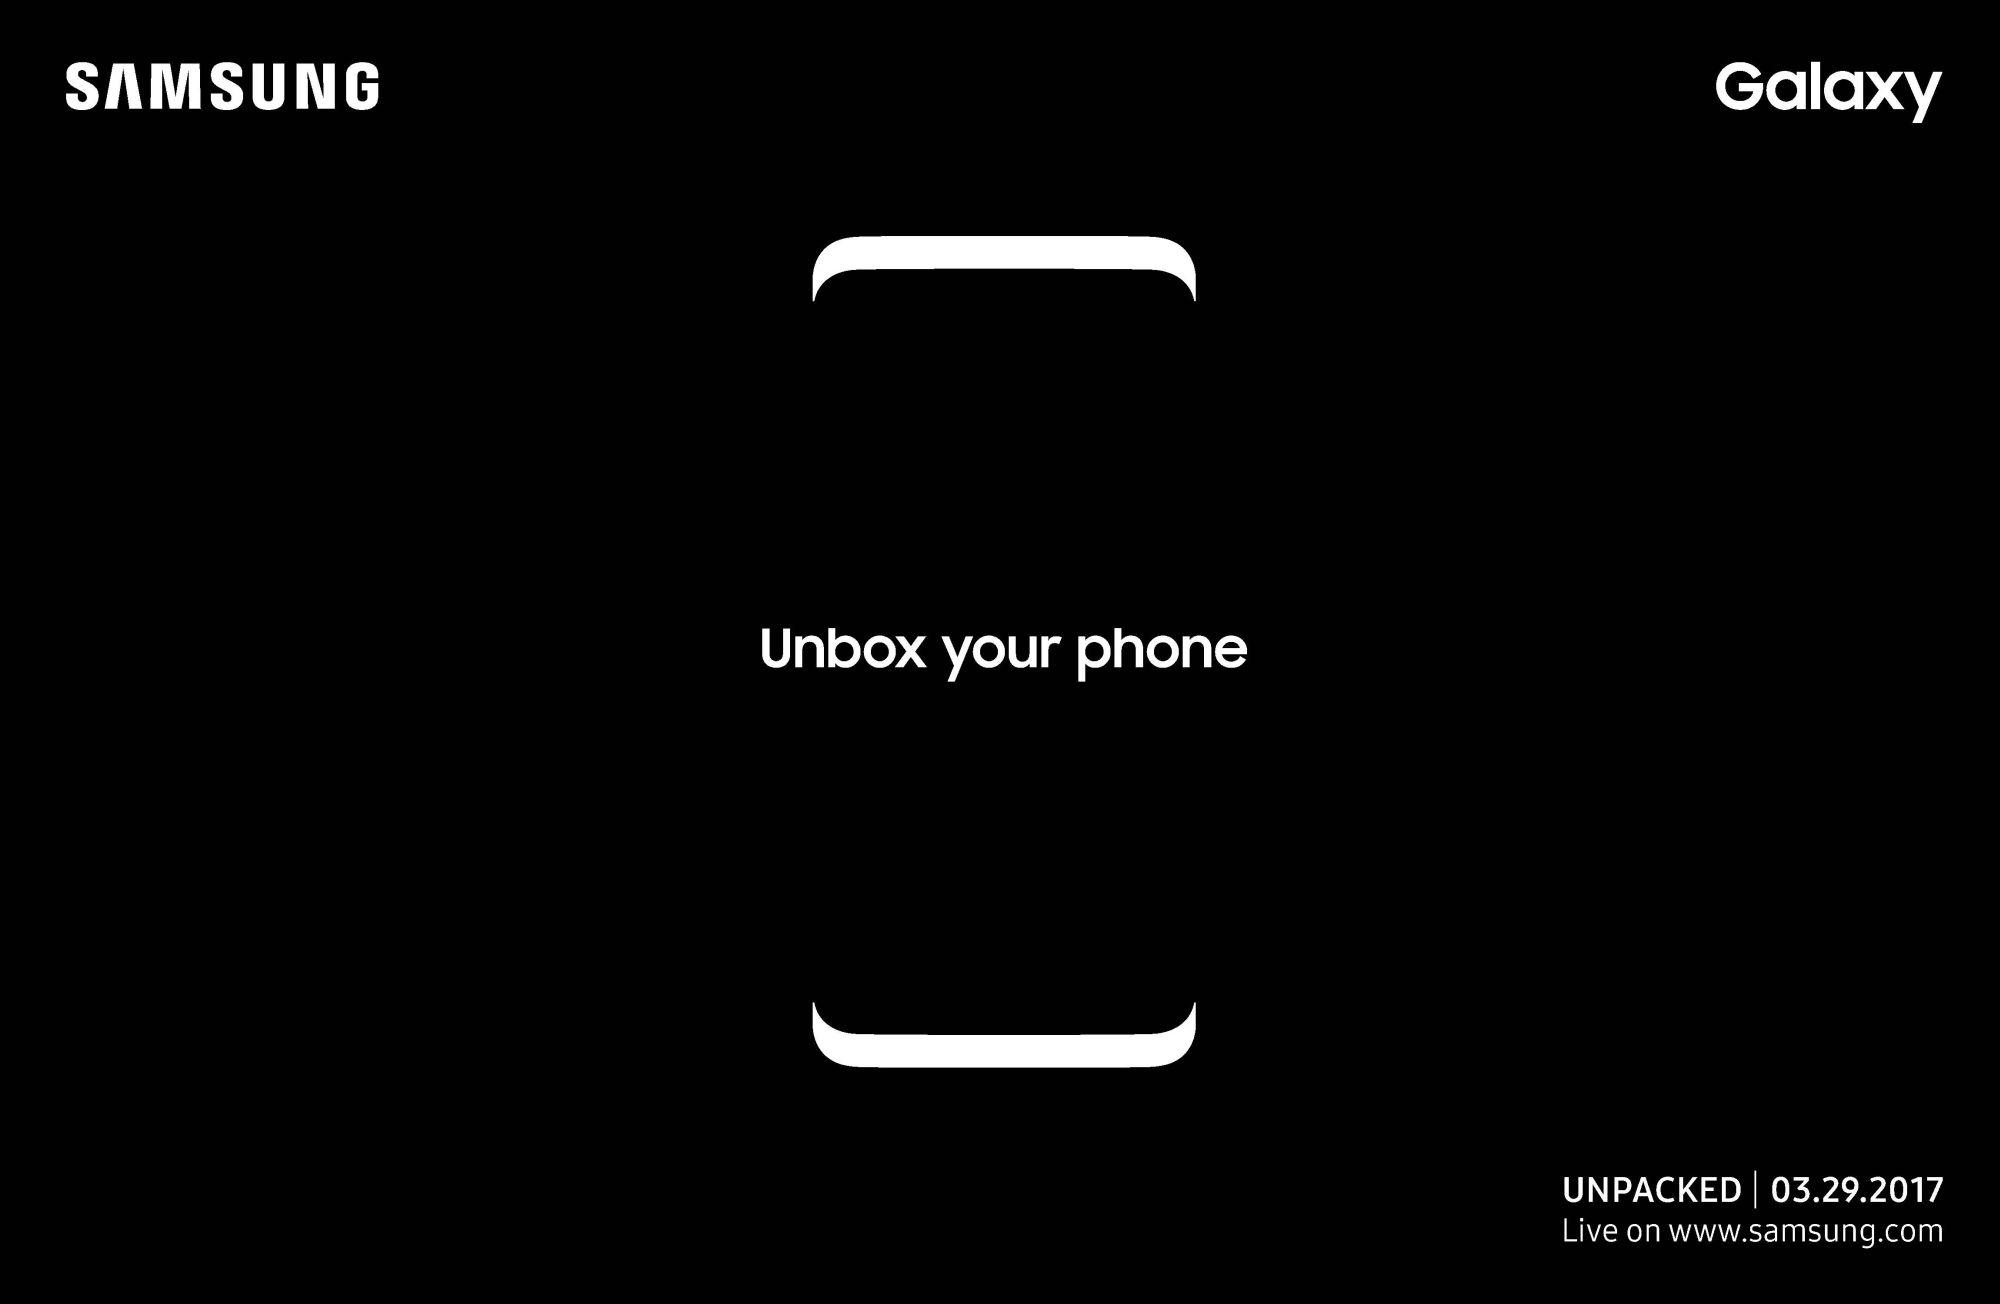 UNPACKED-INVITATION_STATIC_Black